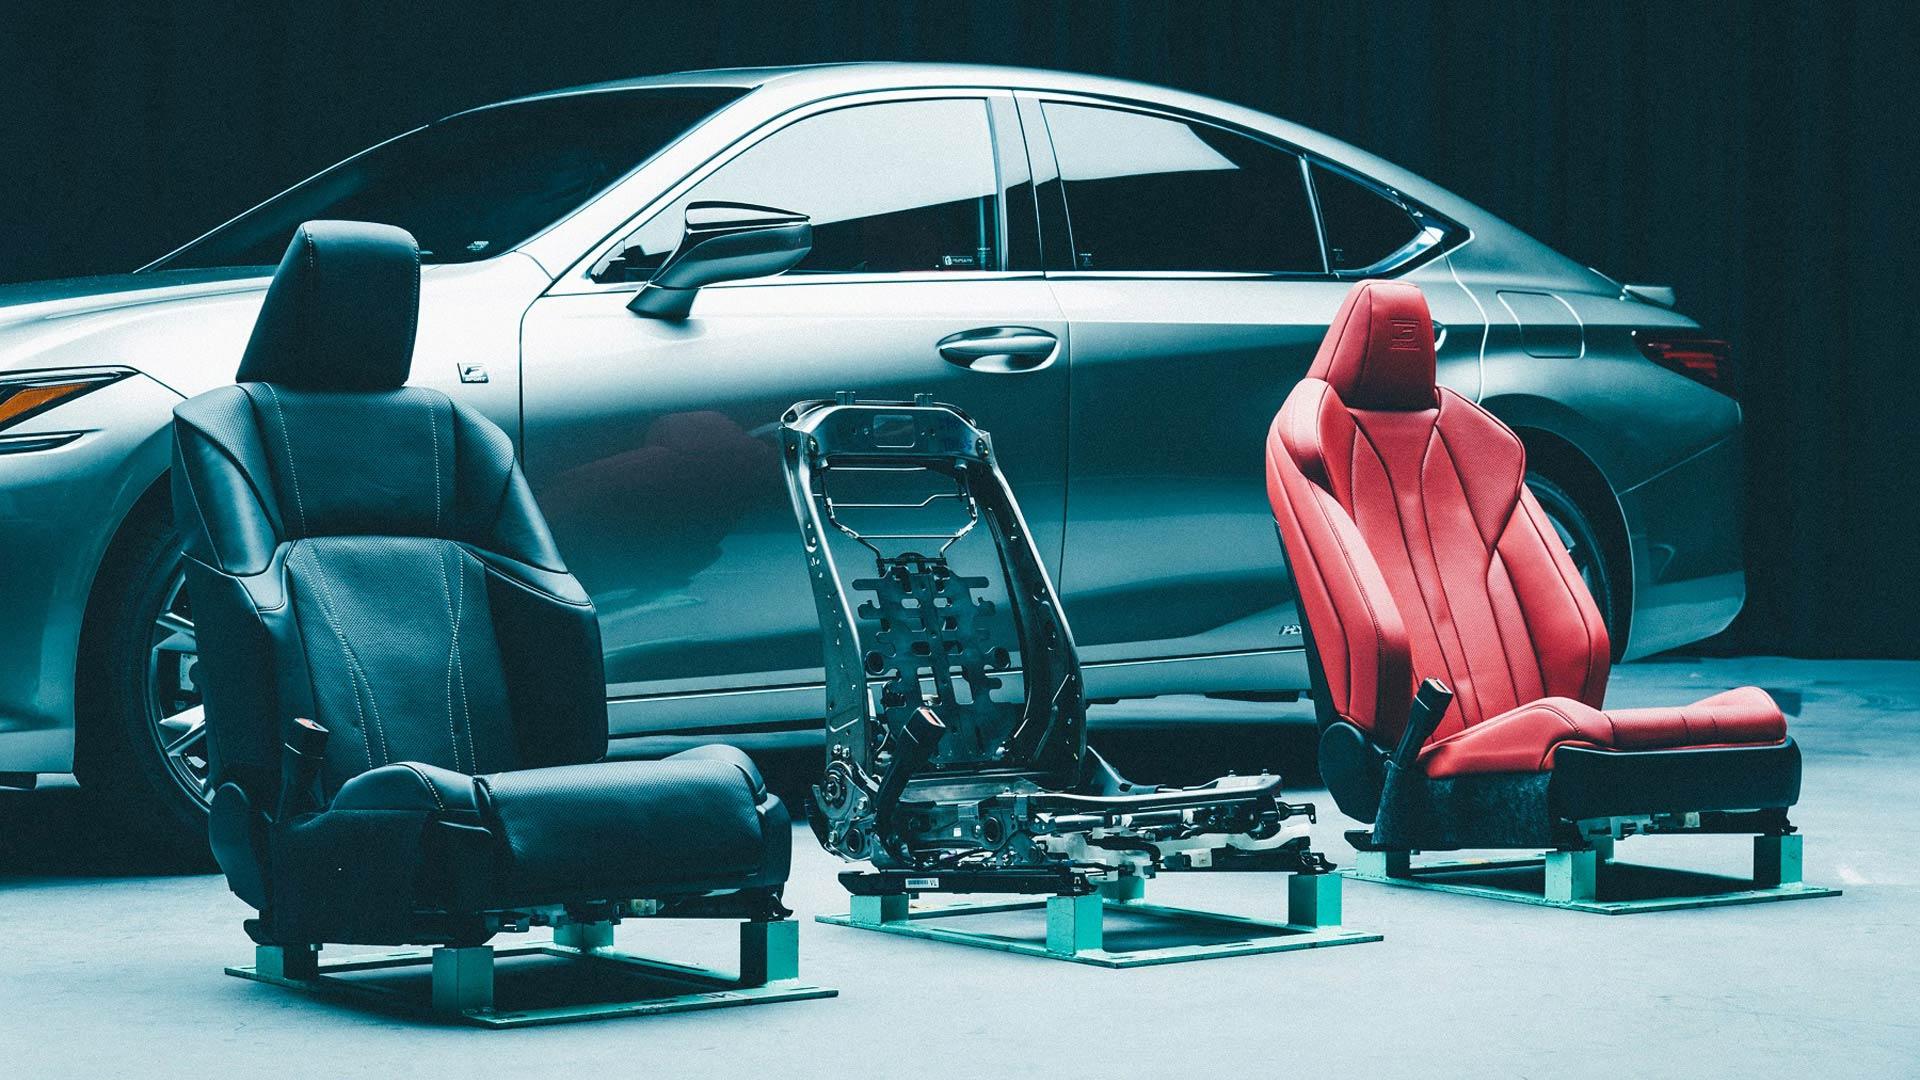 Lexus'un Sadece Koltukları Bile 3 Yıllık Çalışmanın Ürünü gallery01 1920x1080 v2